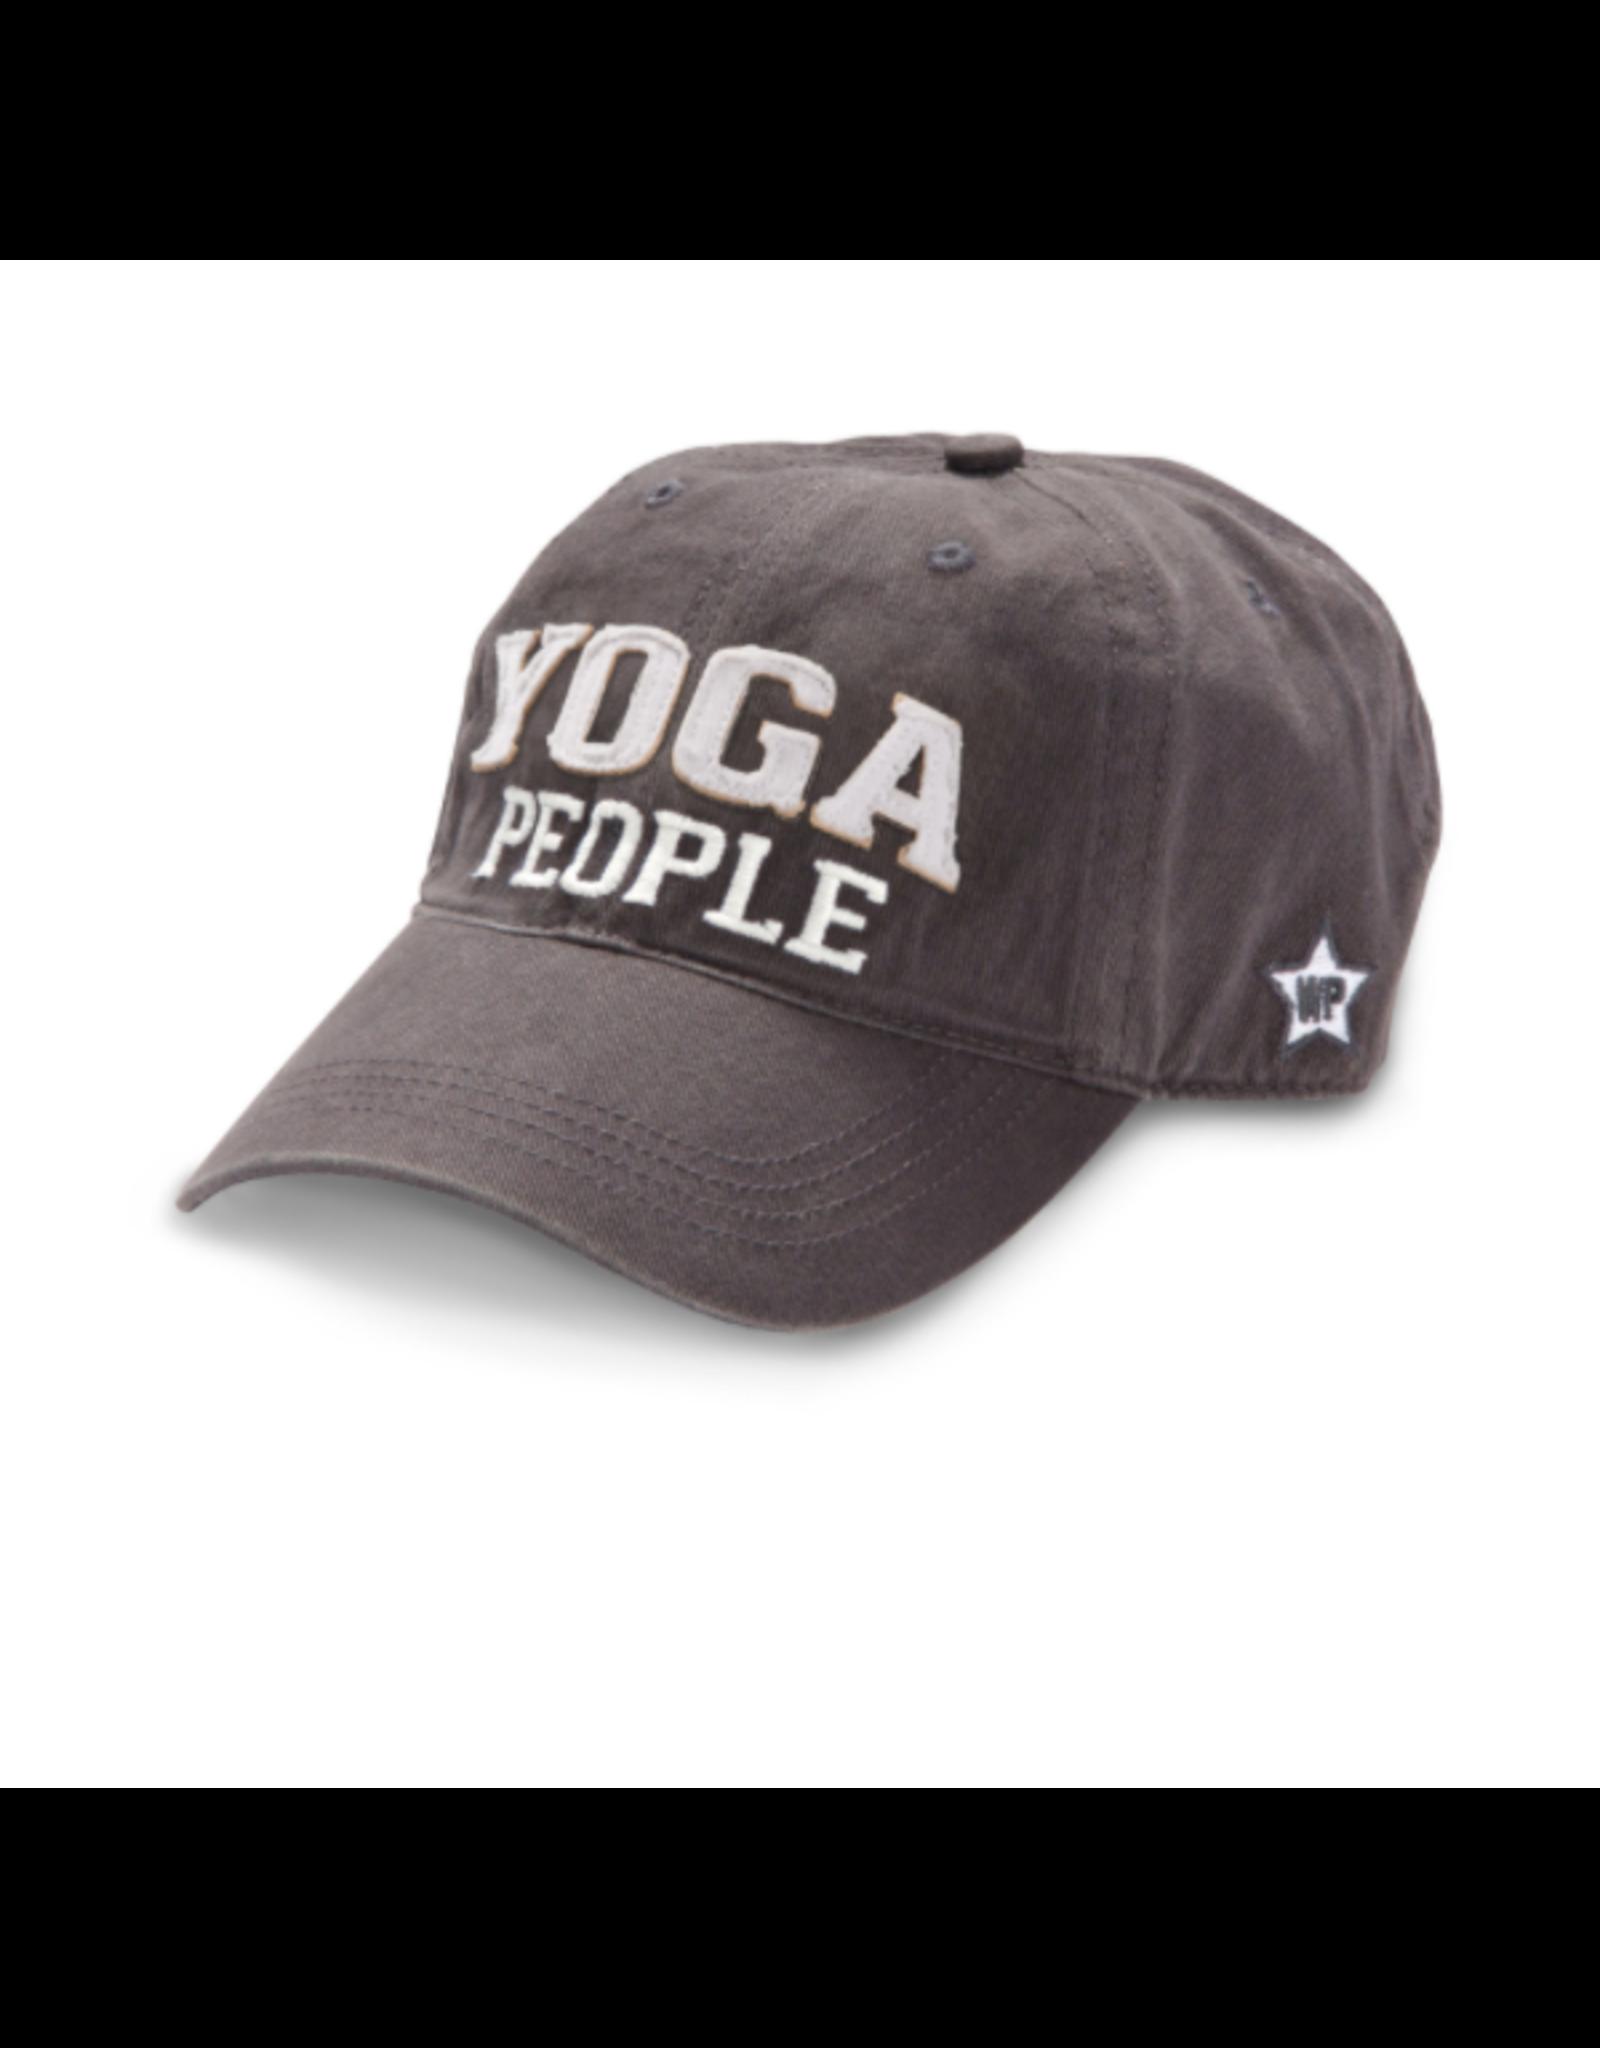 Yoga People Ball Hat, grey